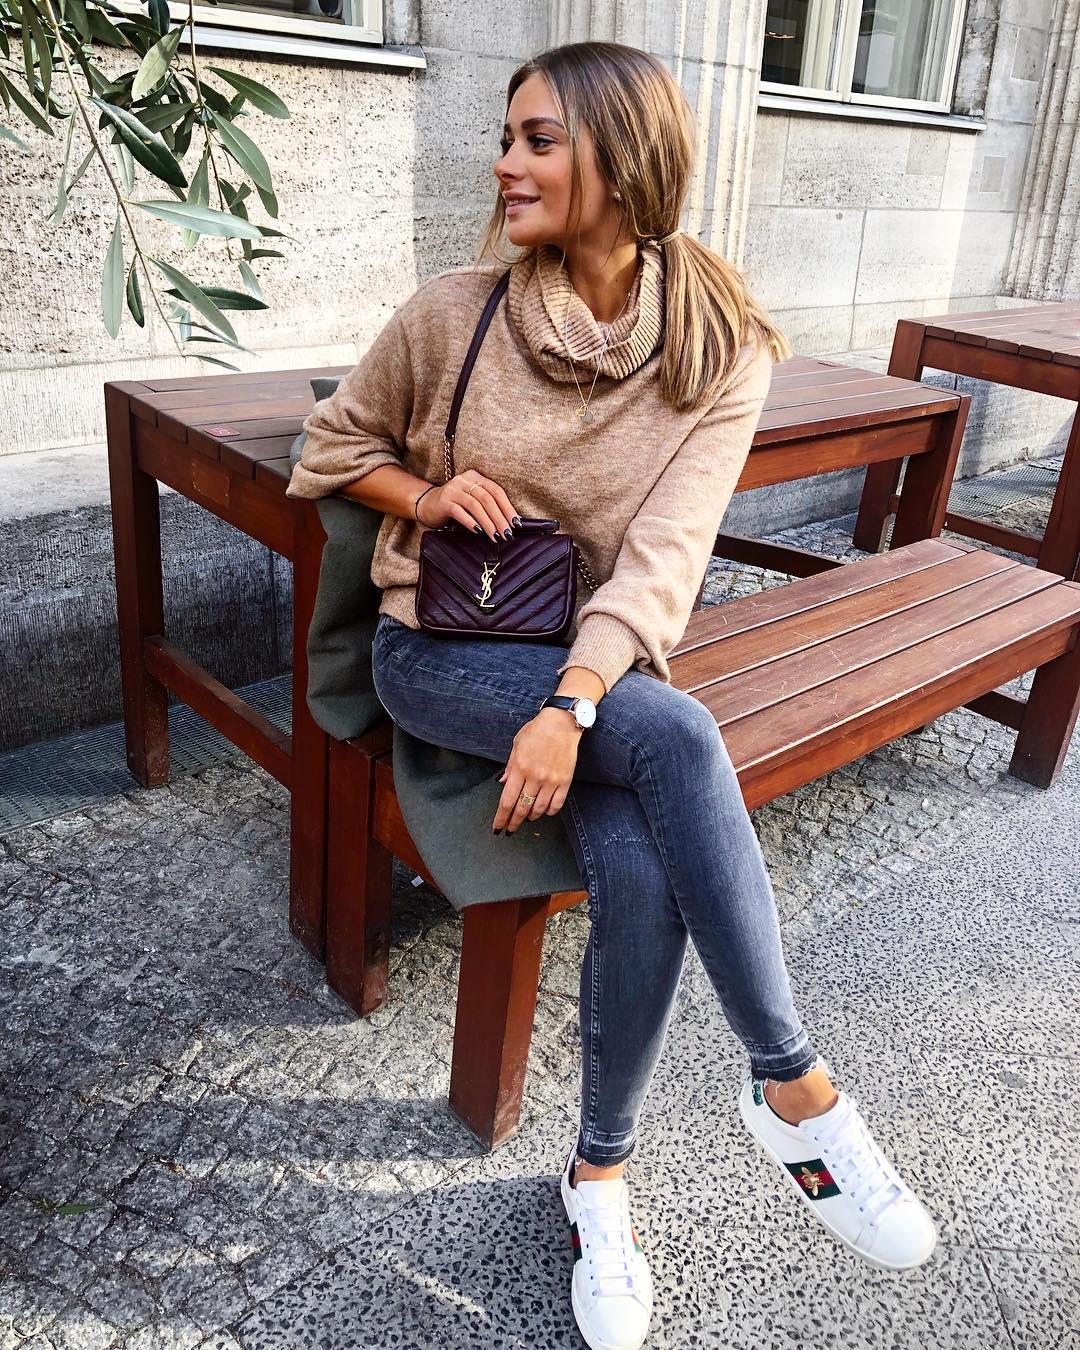 Джинсы с трикотажными вещами как стильно носить осенью и зимой 2018-2019 фото13